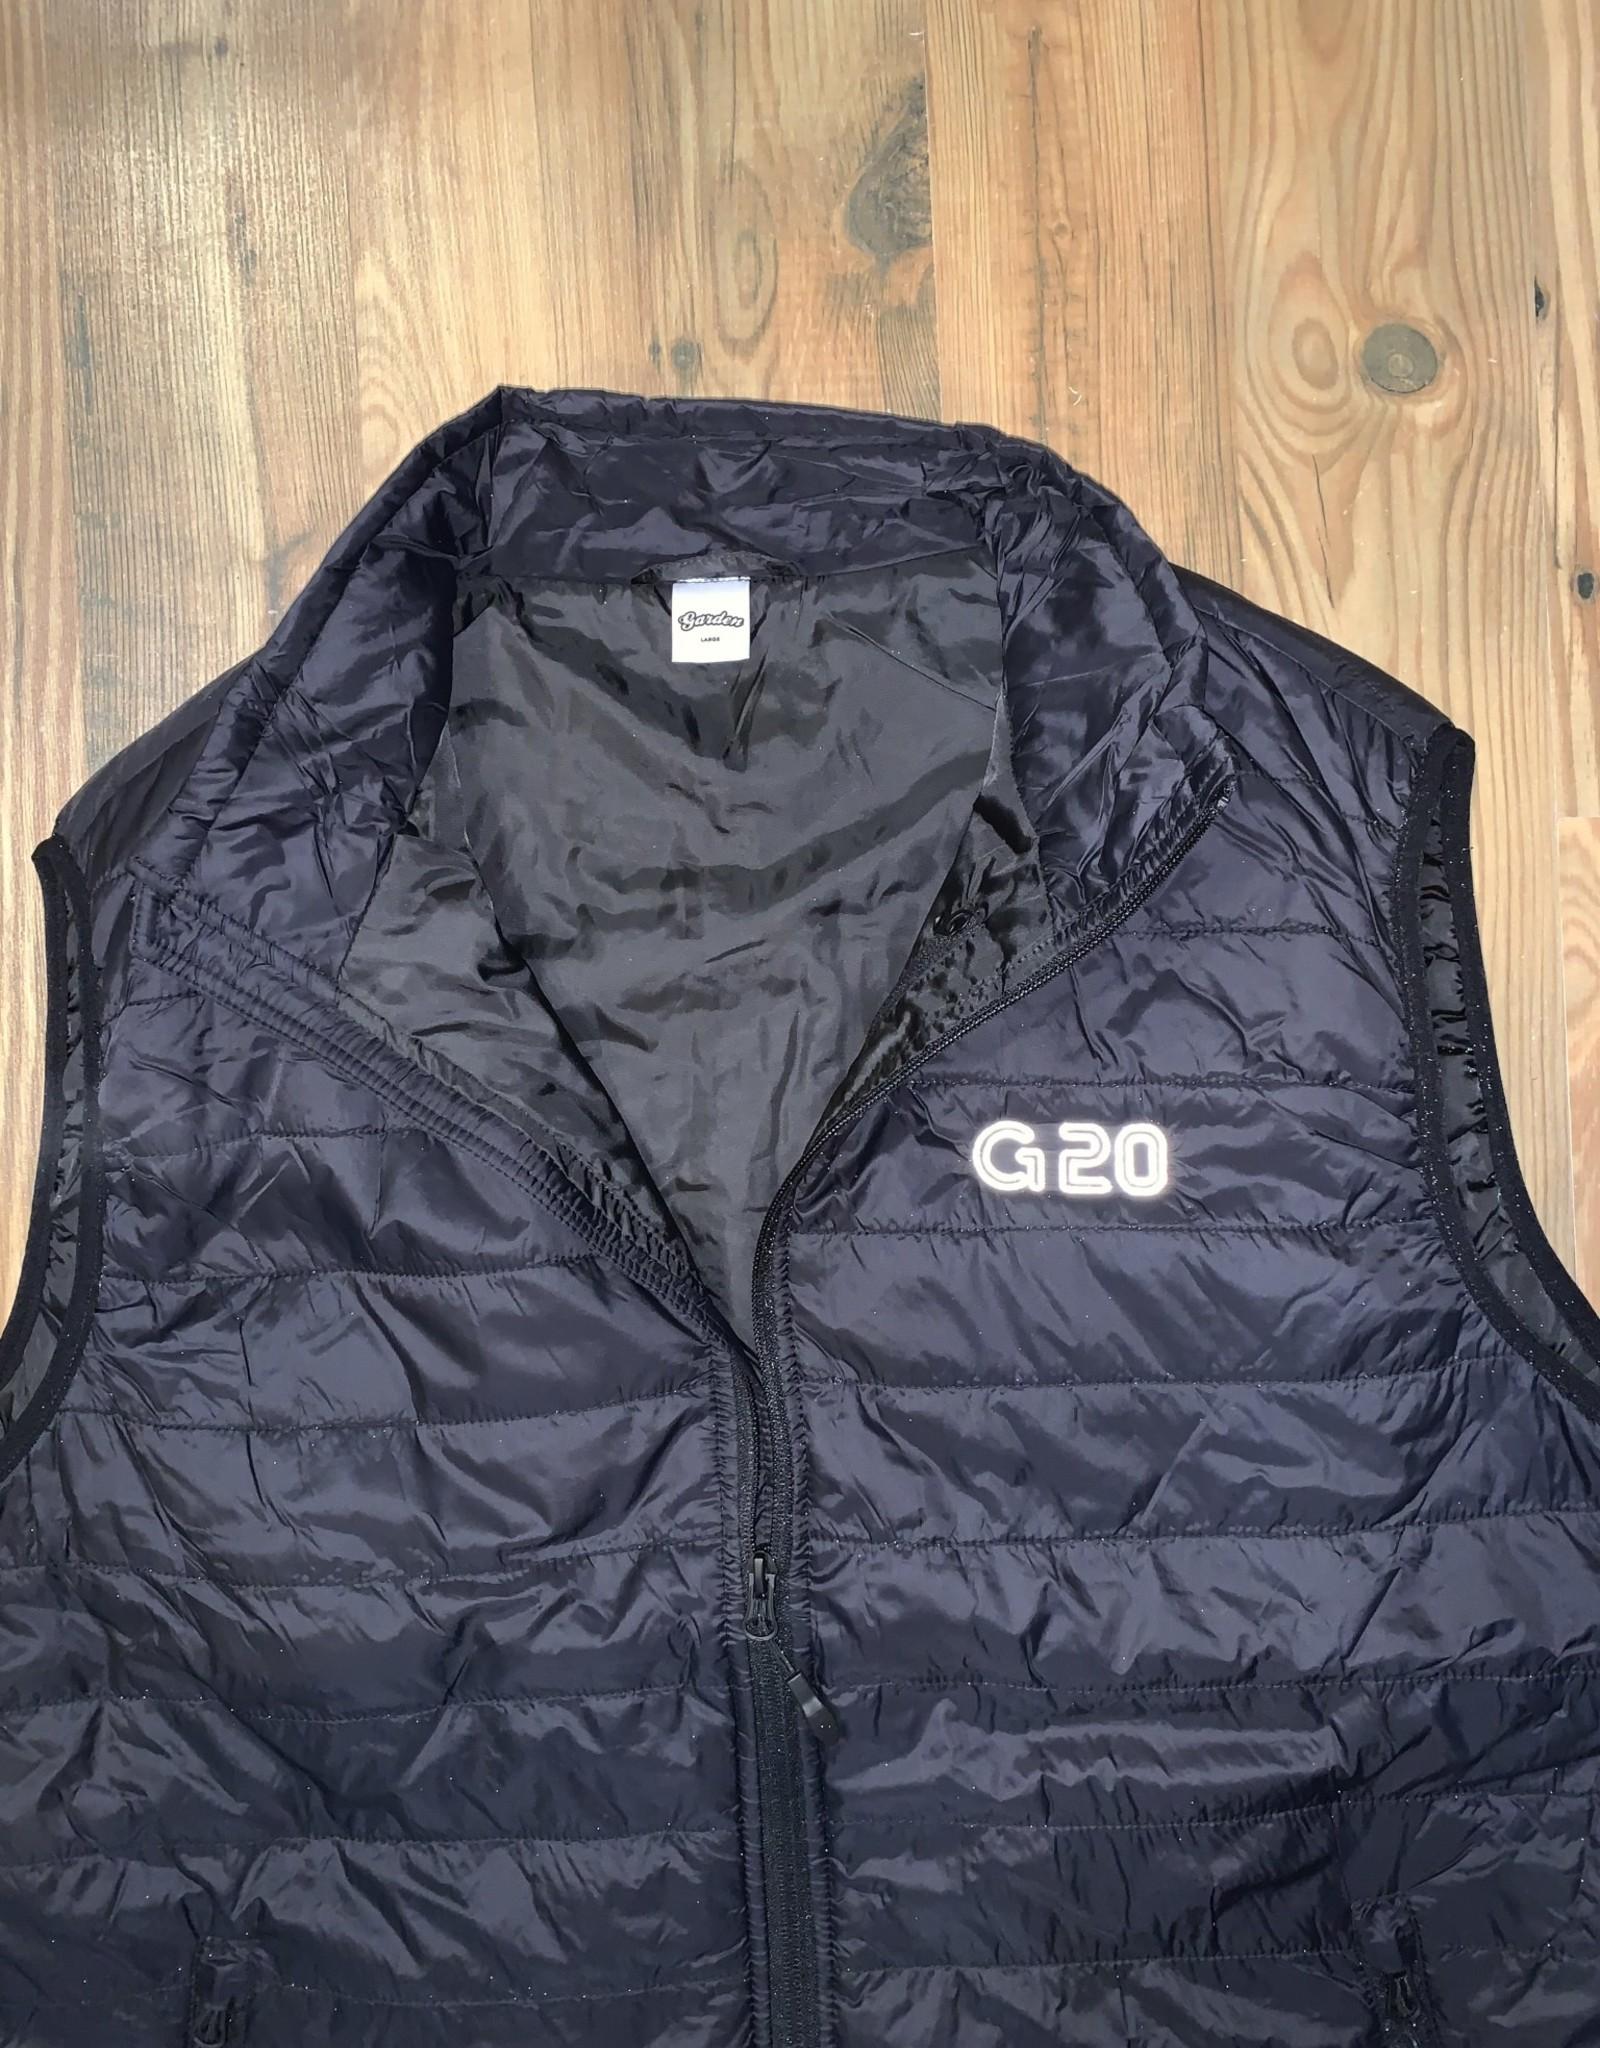 GARDEN GARDEN G-20 REFLECTIVE PUFFY VEST BLACK